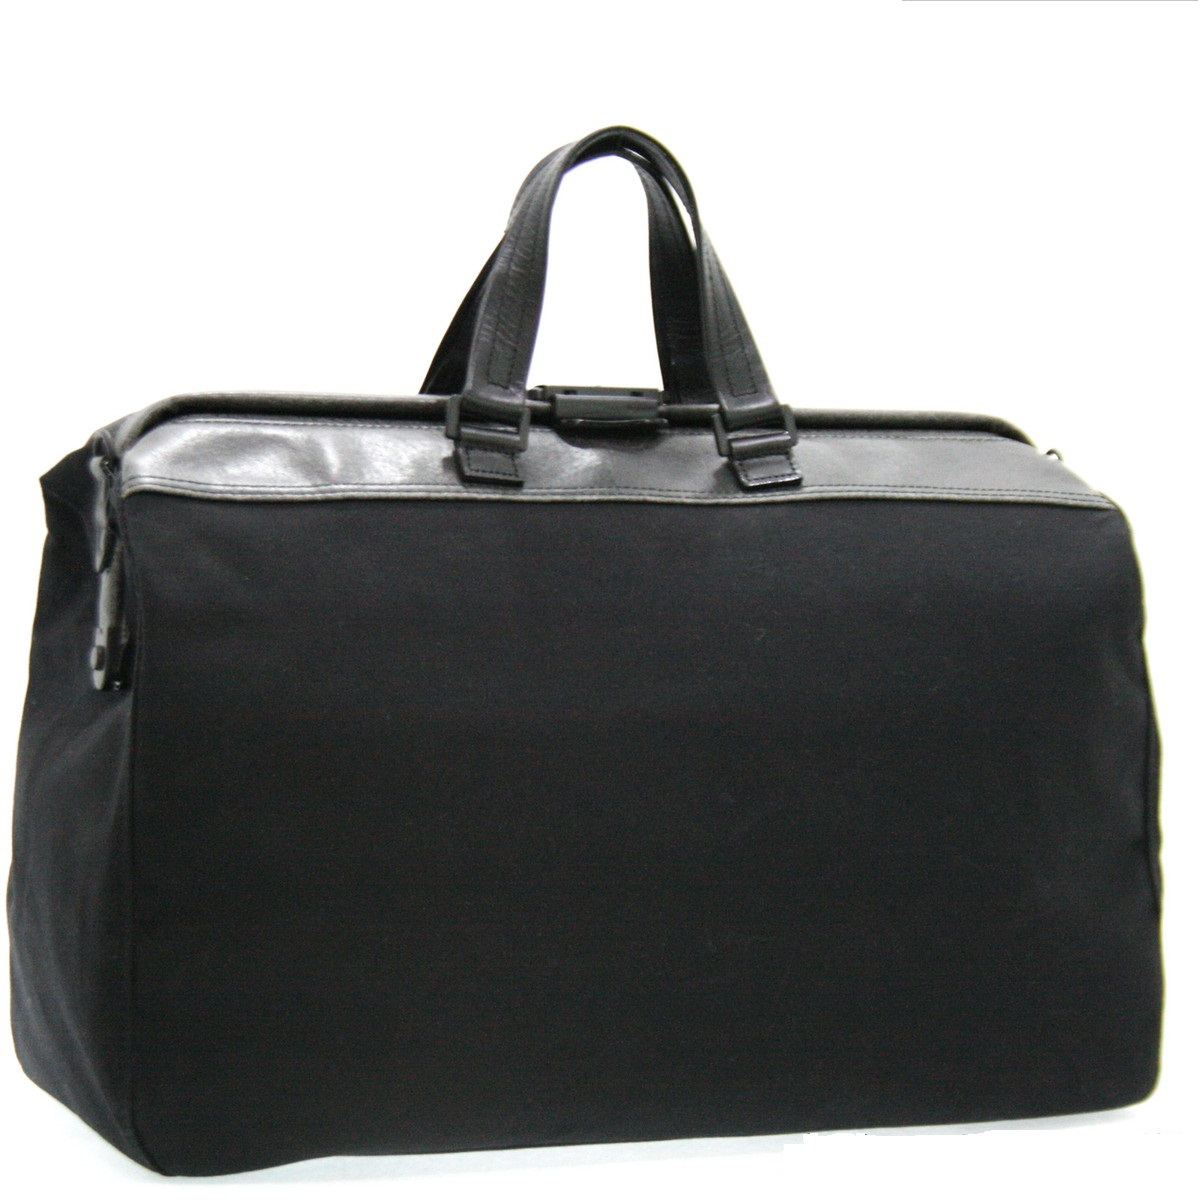 帆布ボストンバッグ ブラック(黒) 日本製日本 革 ボストン バッグ 鞄 バック トラベルバッグ 本革/付属